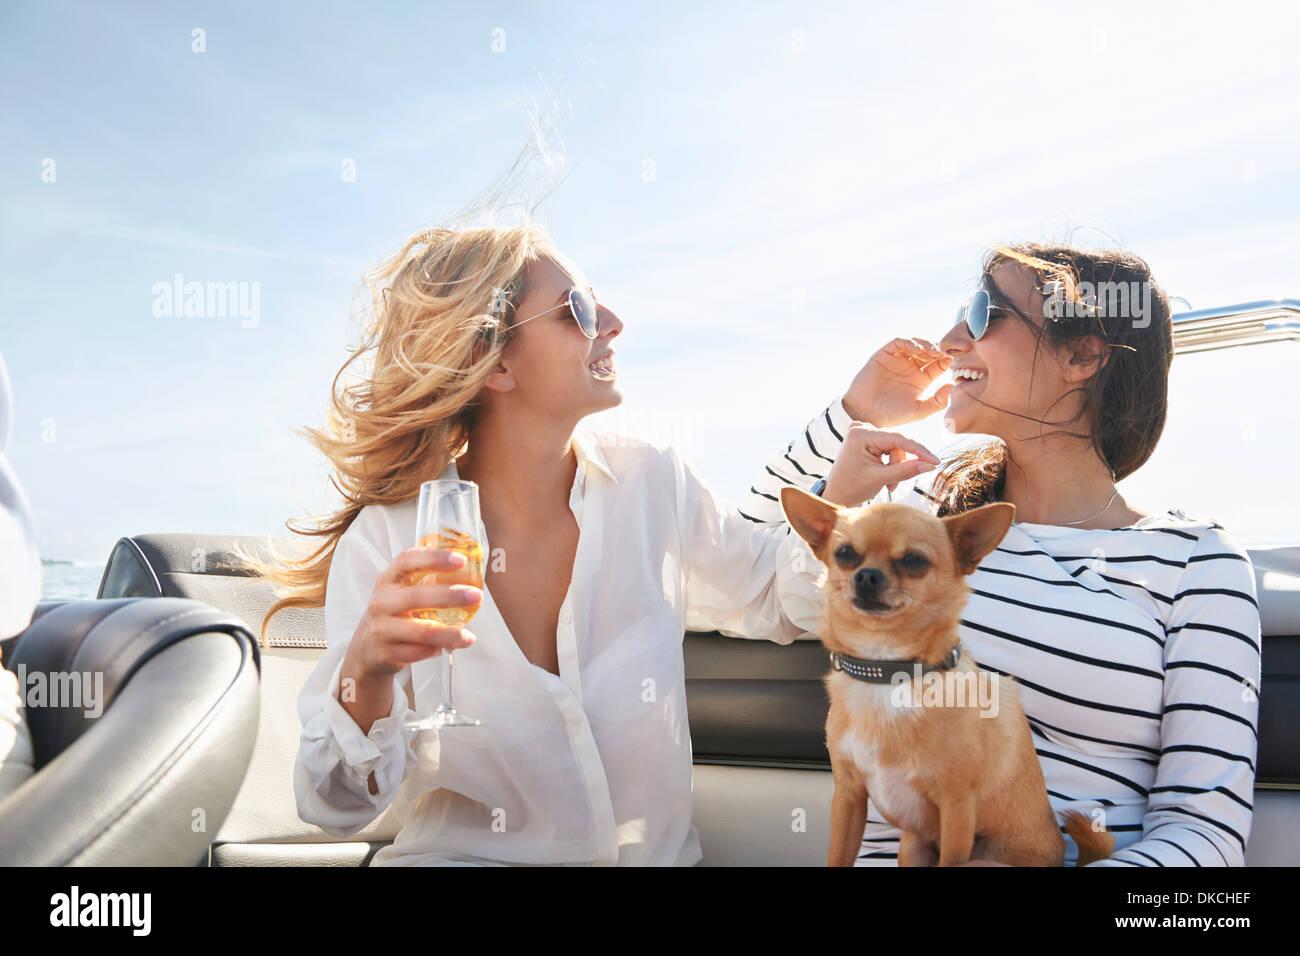 Junge Frauen auf Boot mit Wein Stockbild